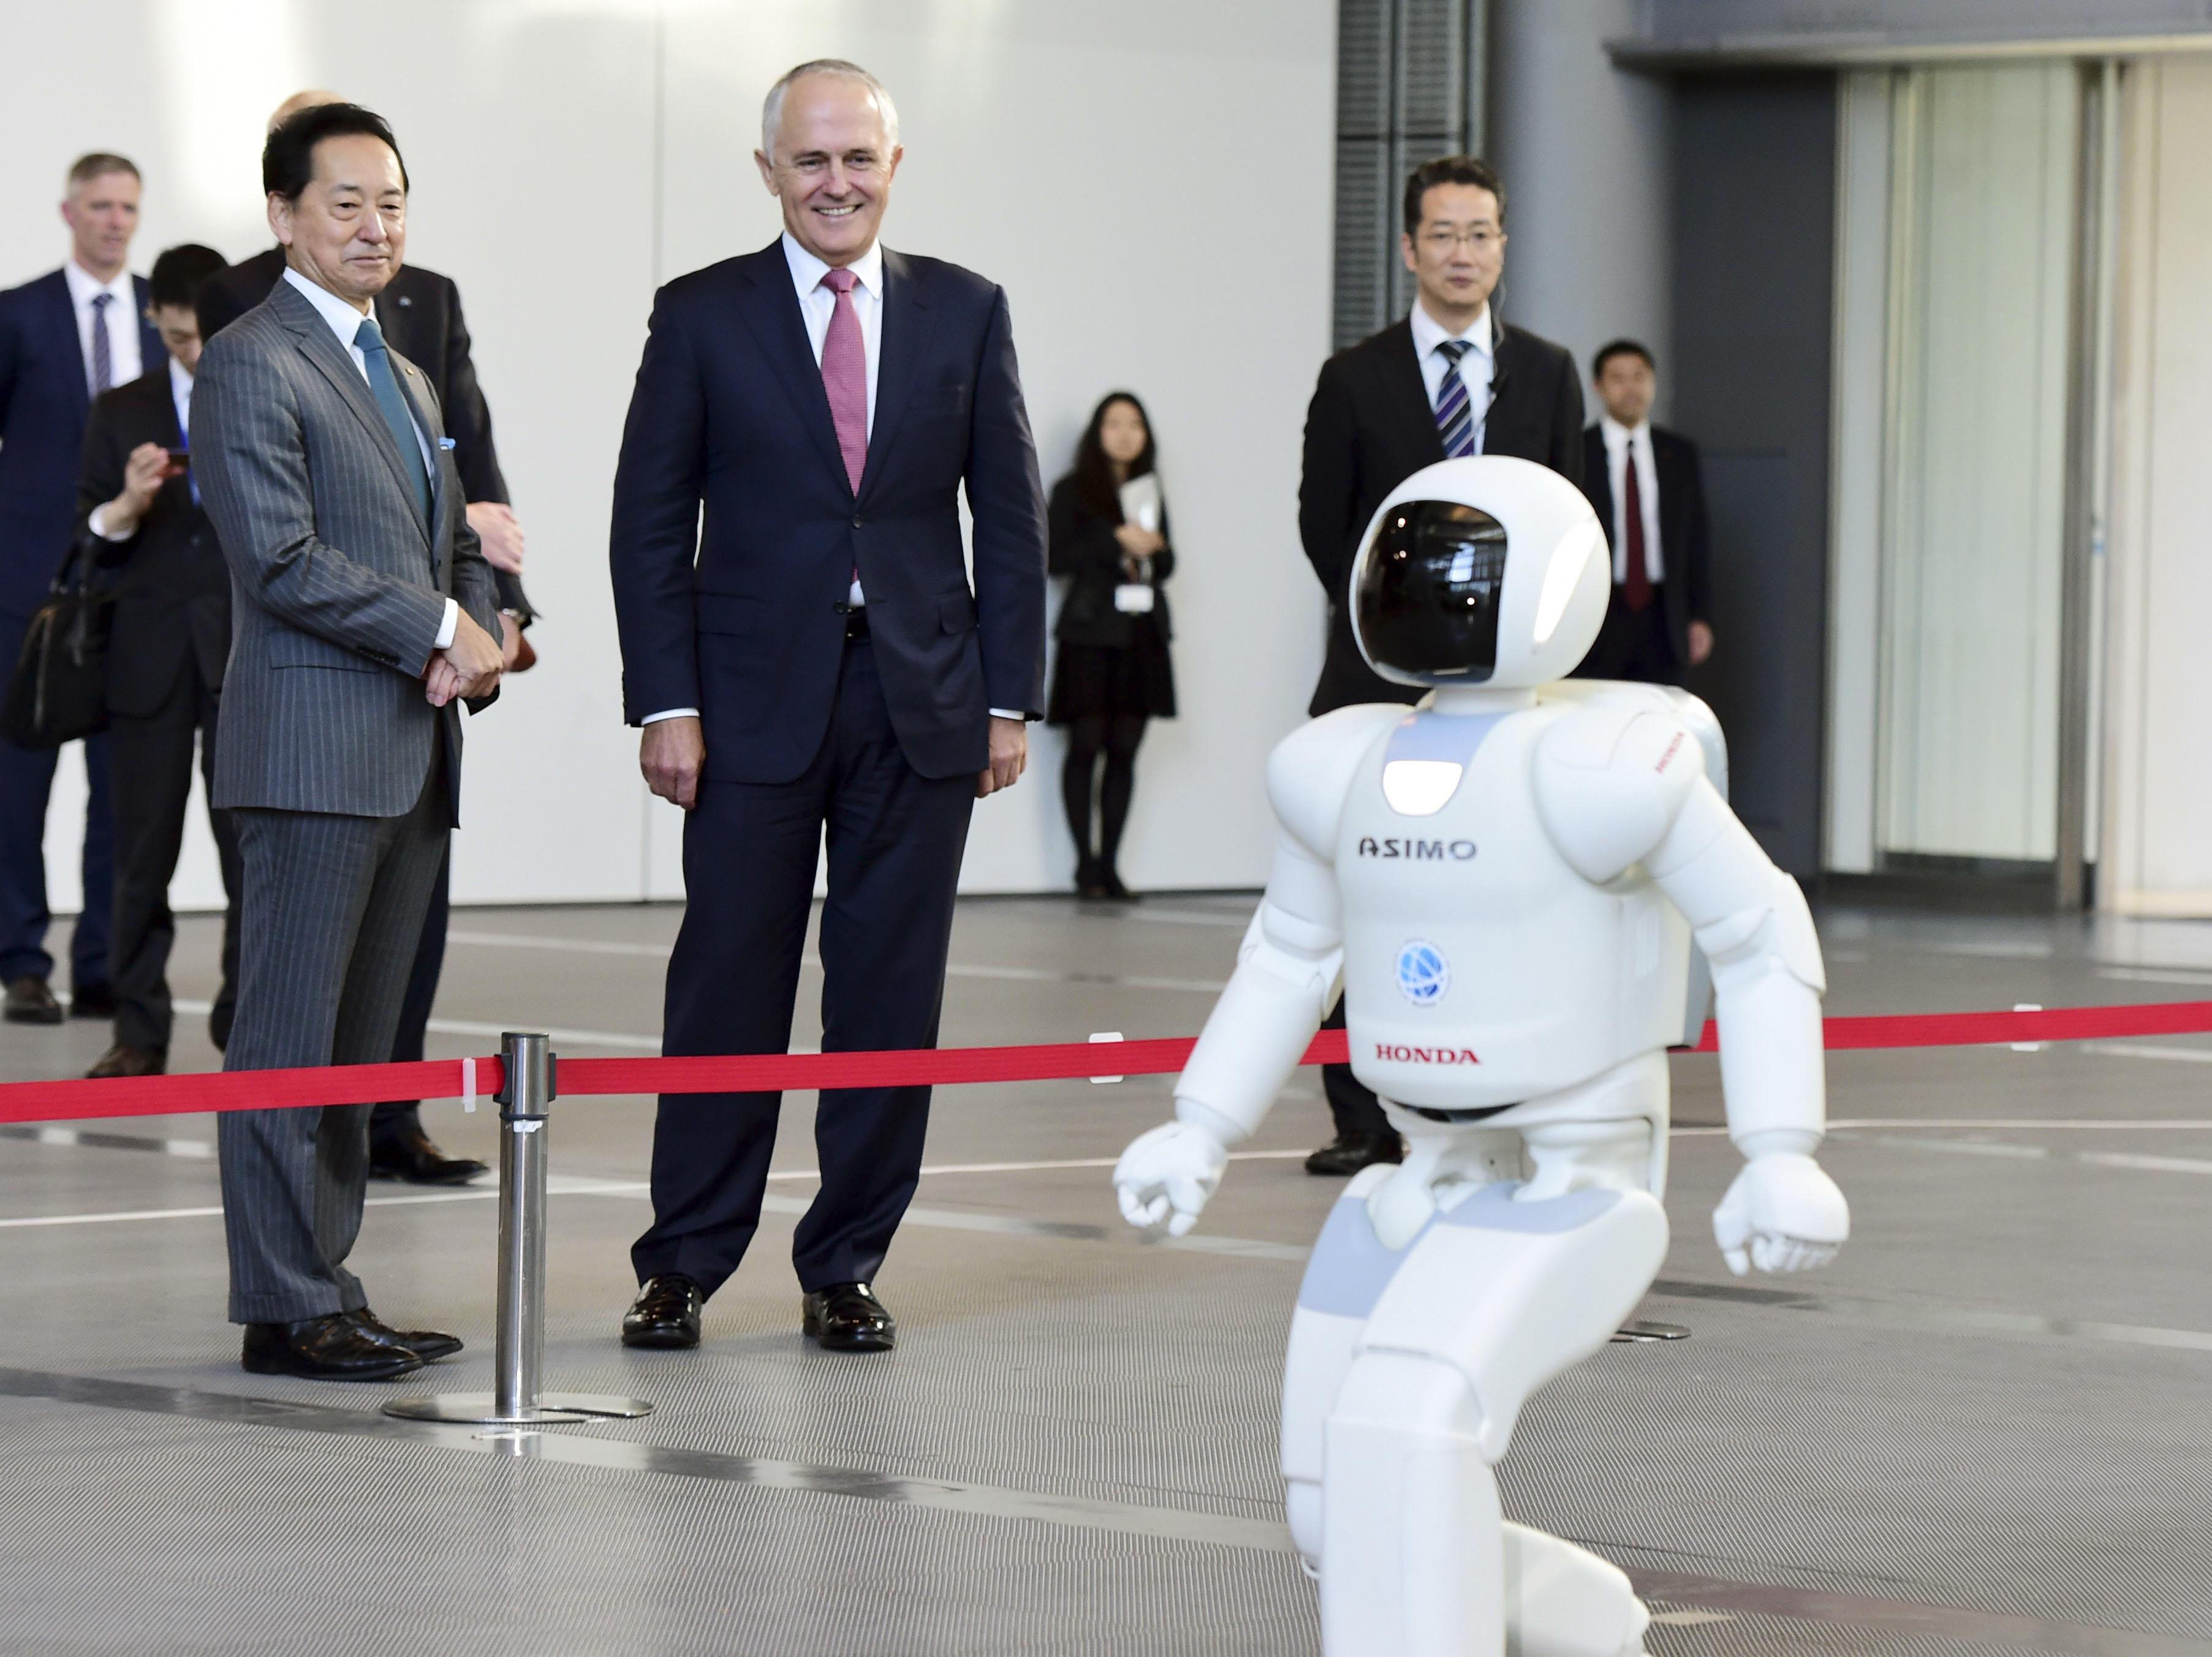 Der australische Premierminister Malcolm Turnbull (2.v.l.) begrüßt seinen Politikerkollegen Asimo (vorne)